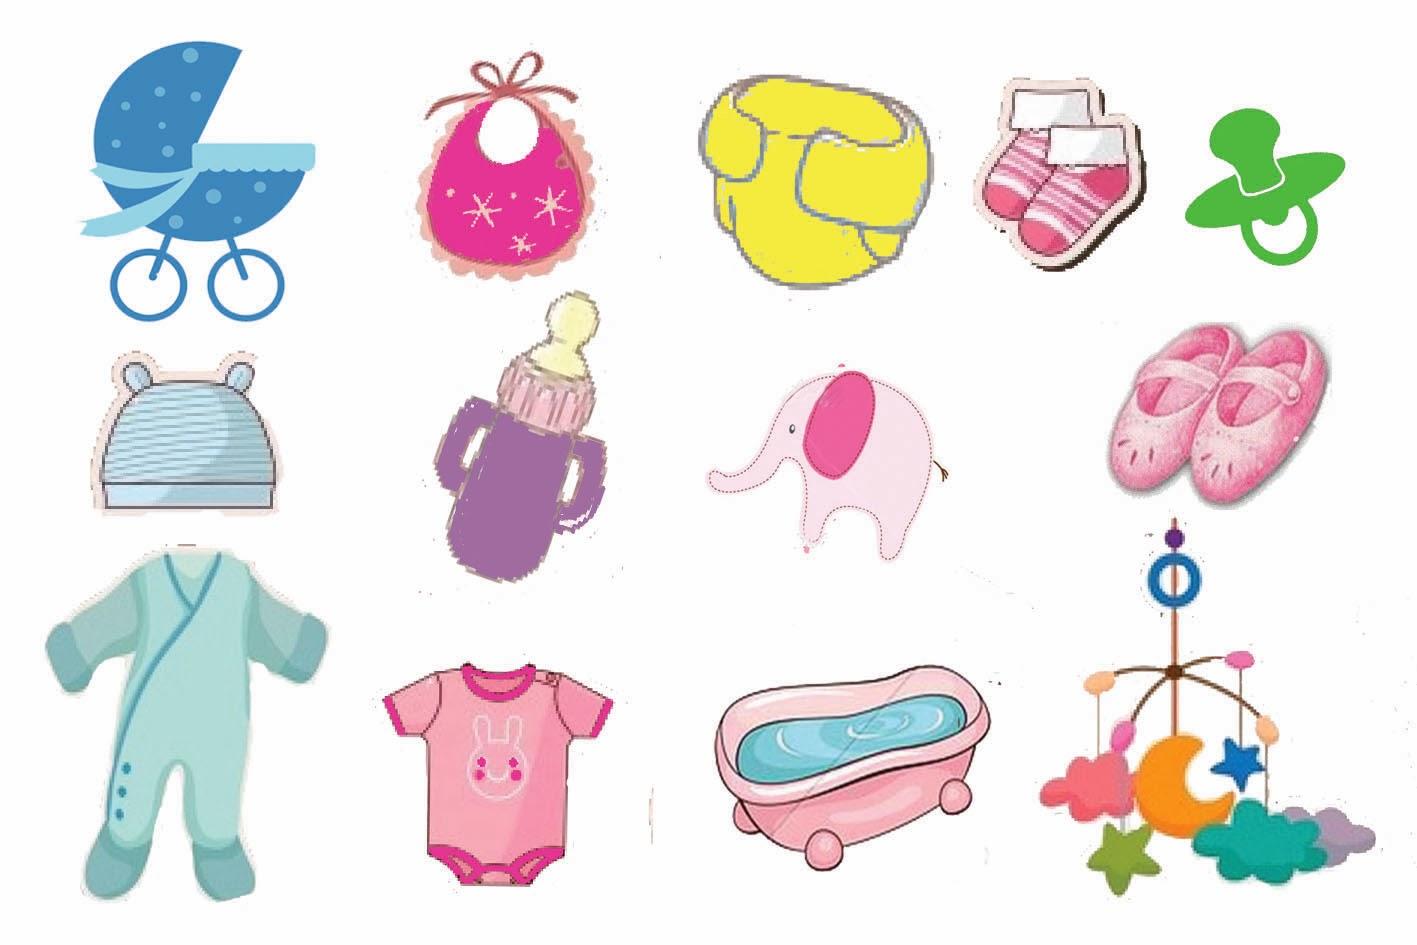 ideashot preparando una fiesta de baby shower